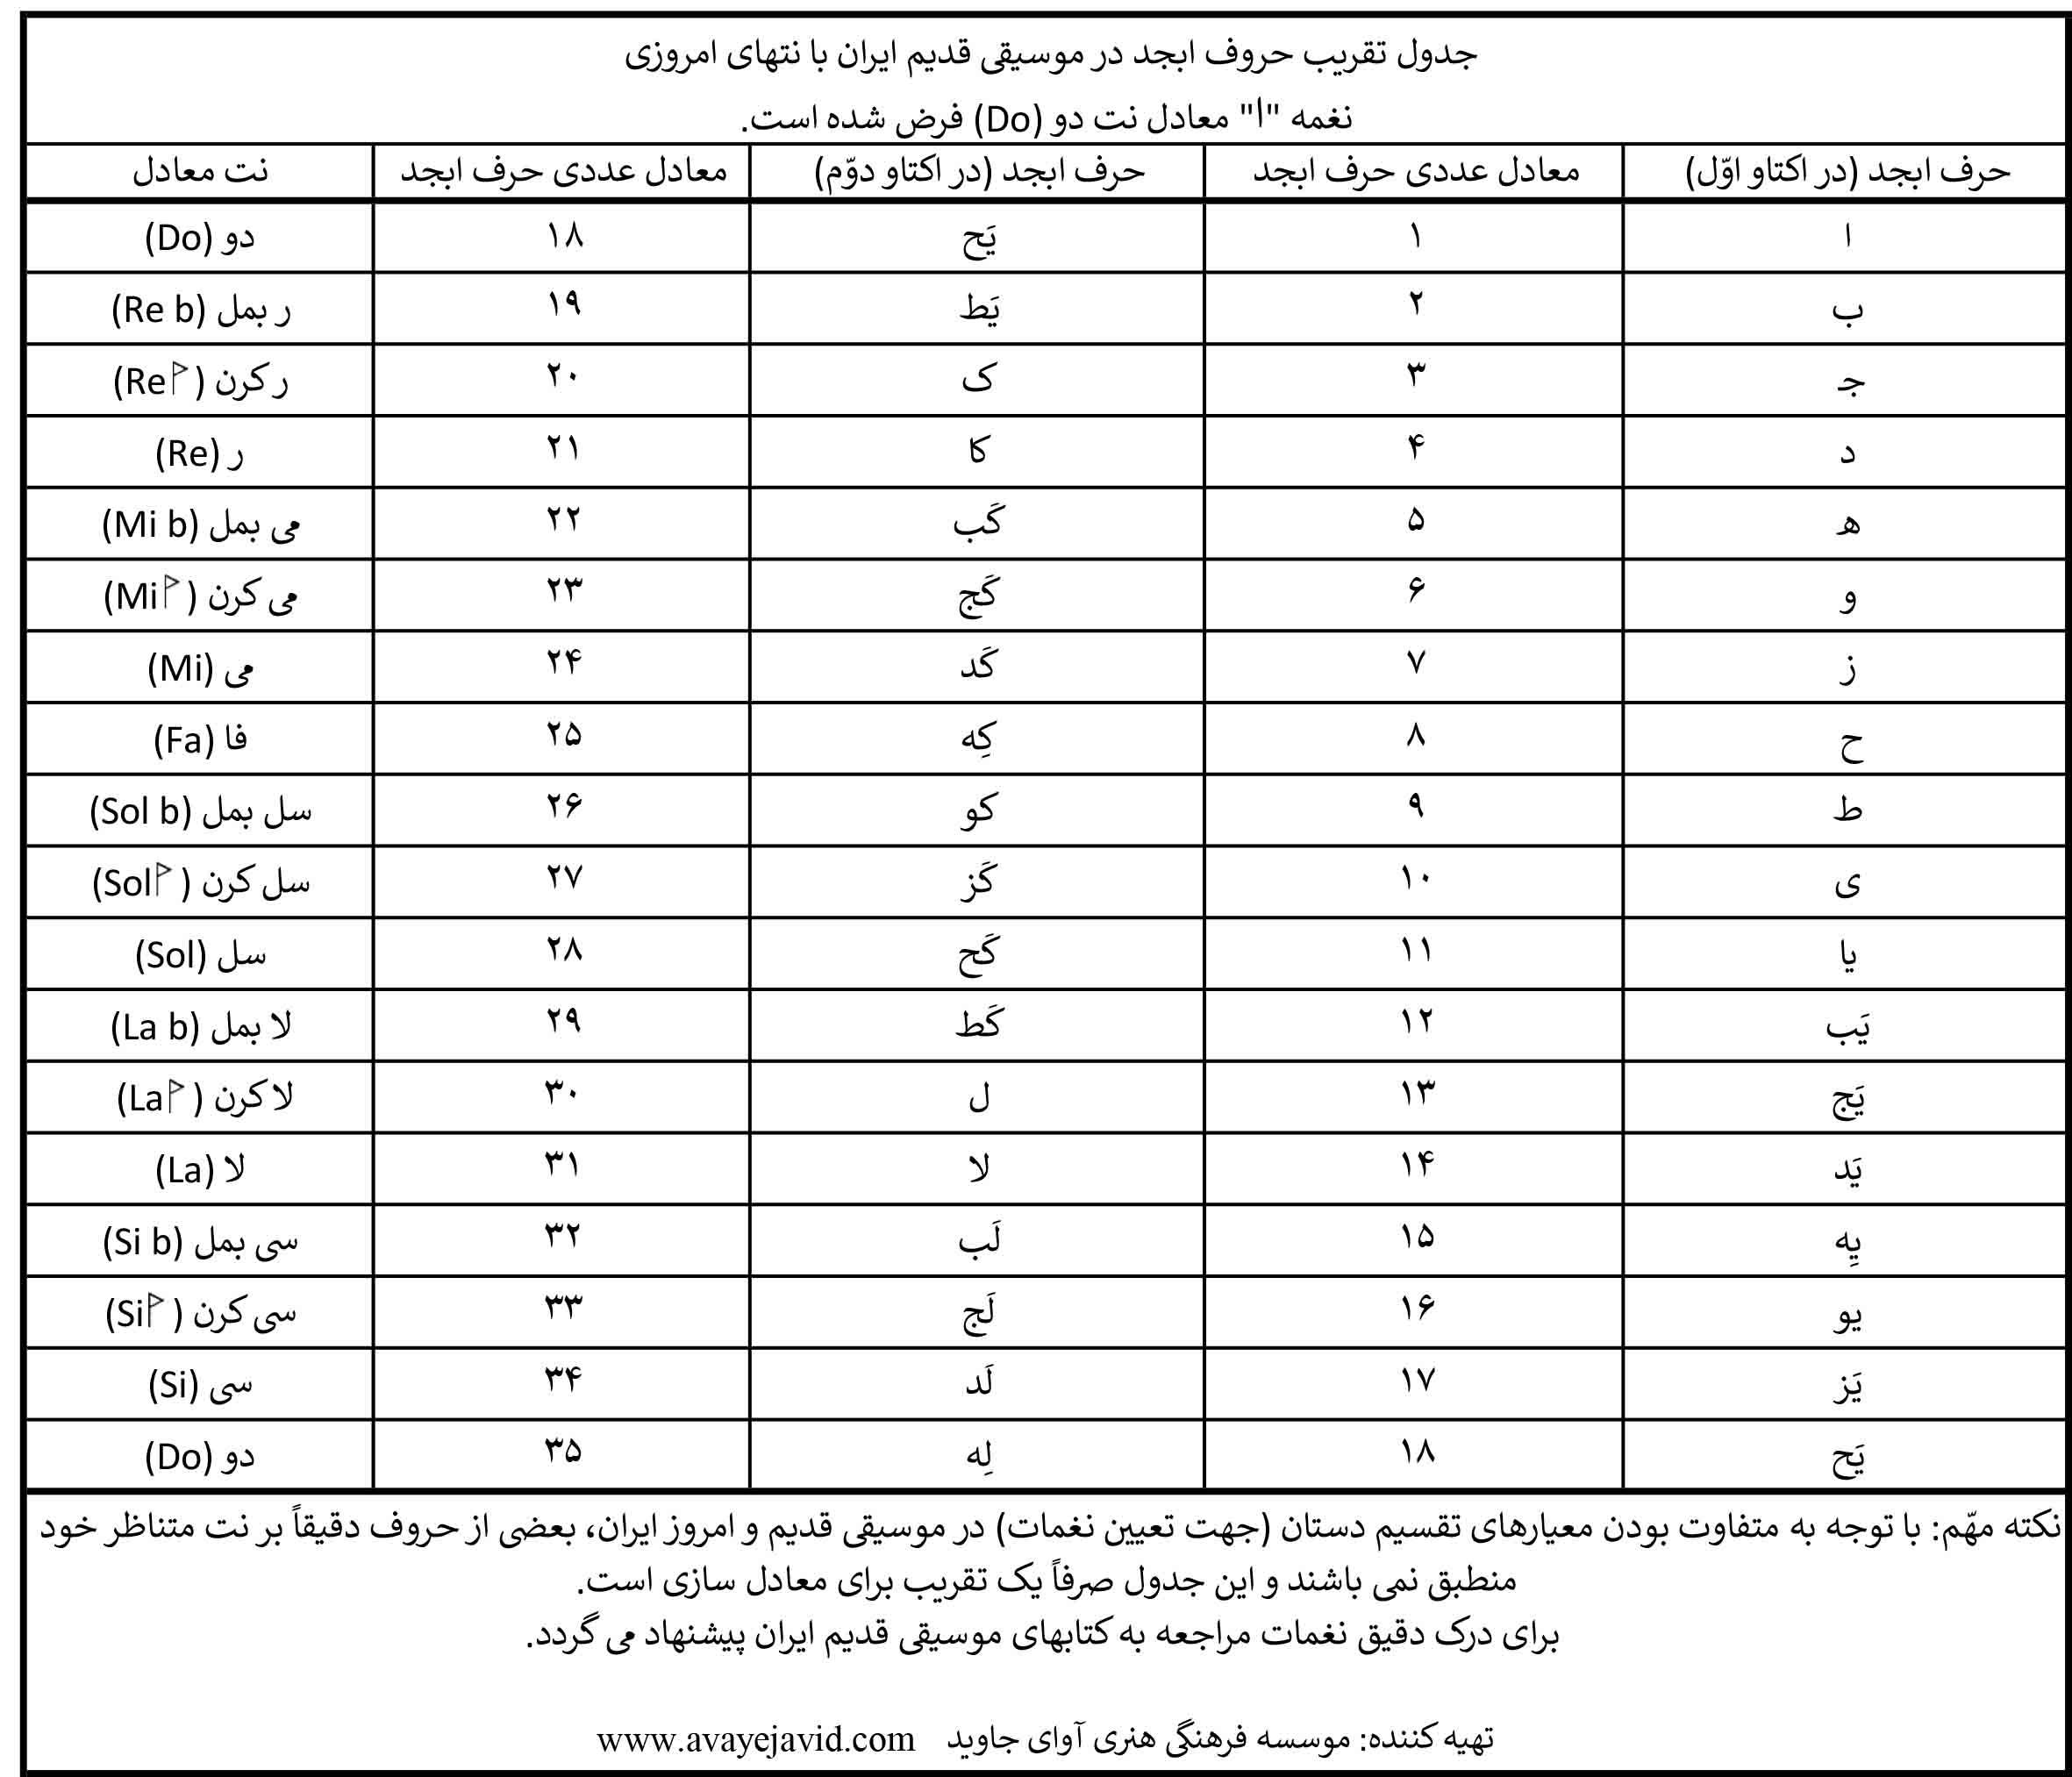 جدول تقریب حروف ابجد در موسیقی قدیم ایران با نتهای امروزی